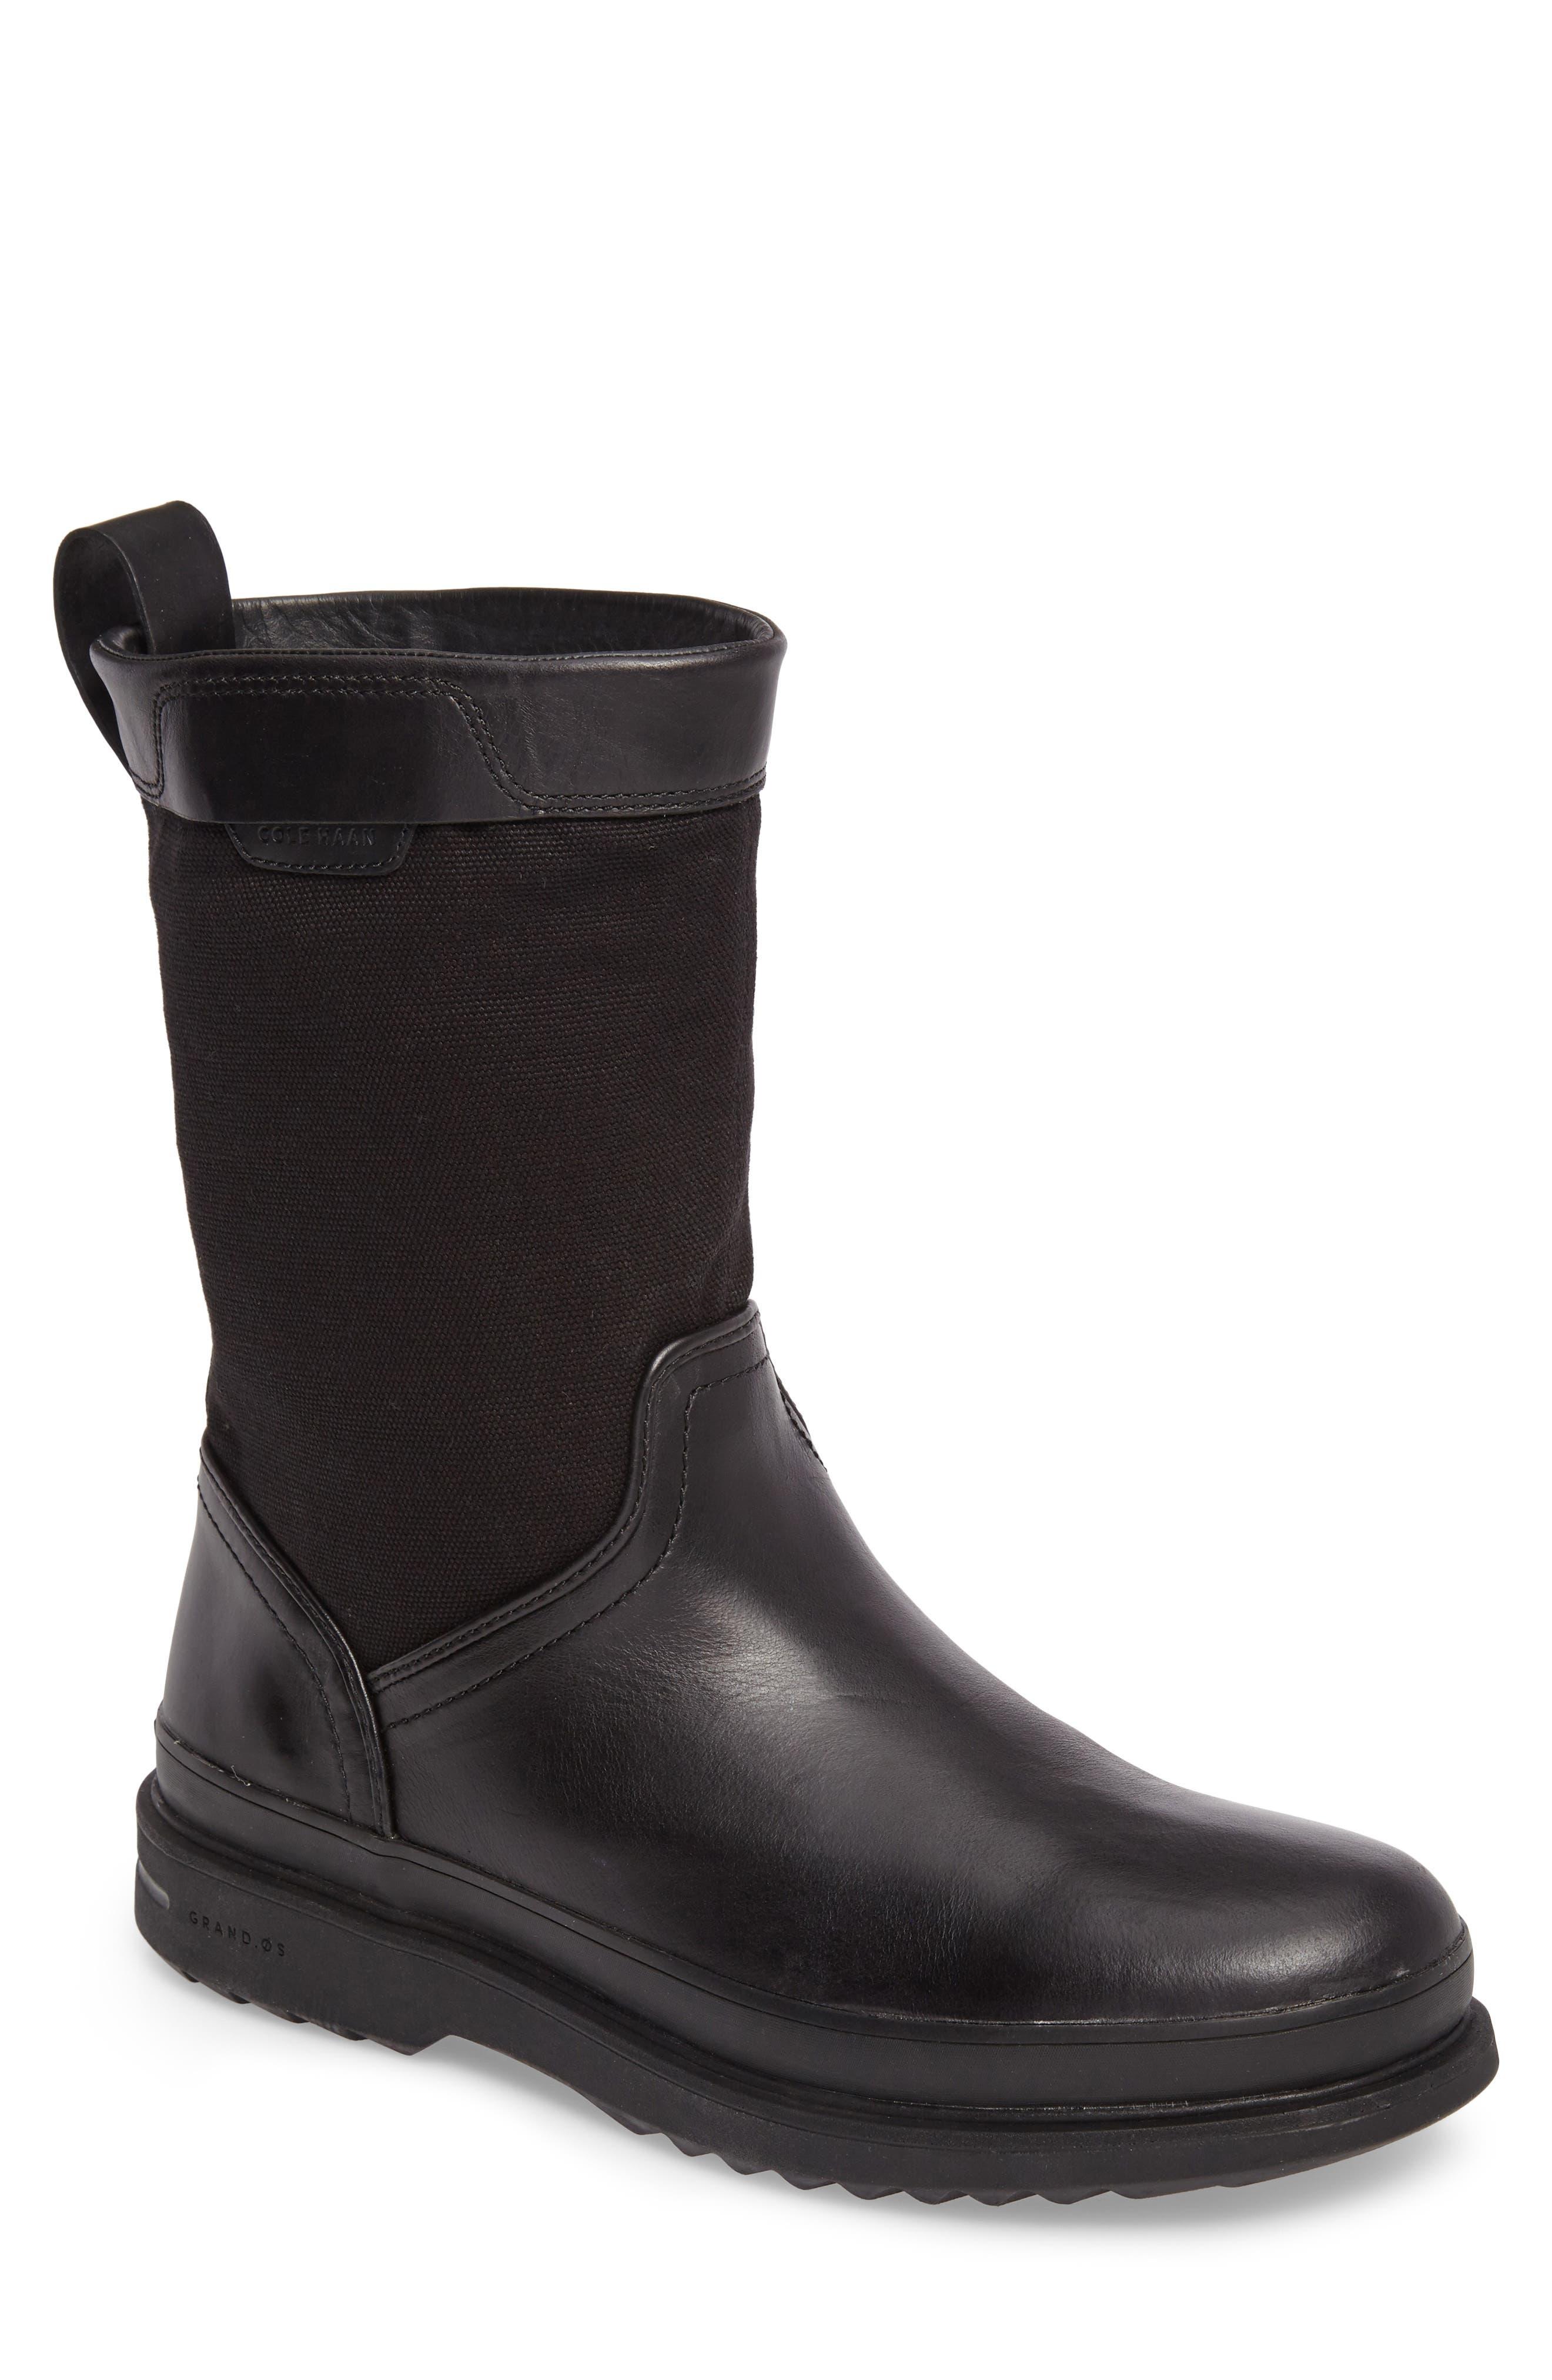 Main Image - Cole Haan Millbridge Waterproof Boot (Women)